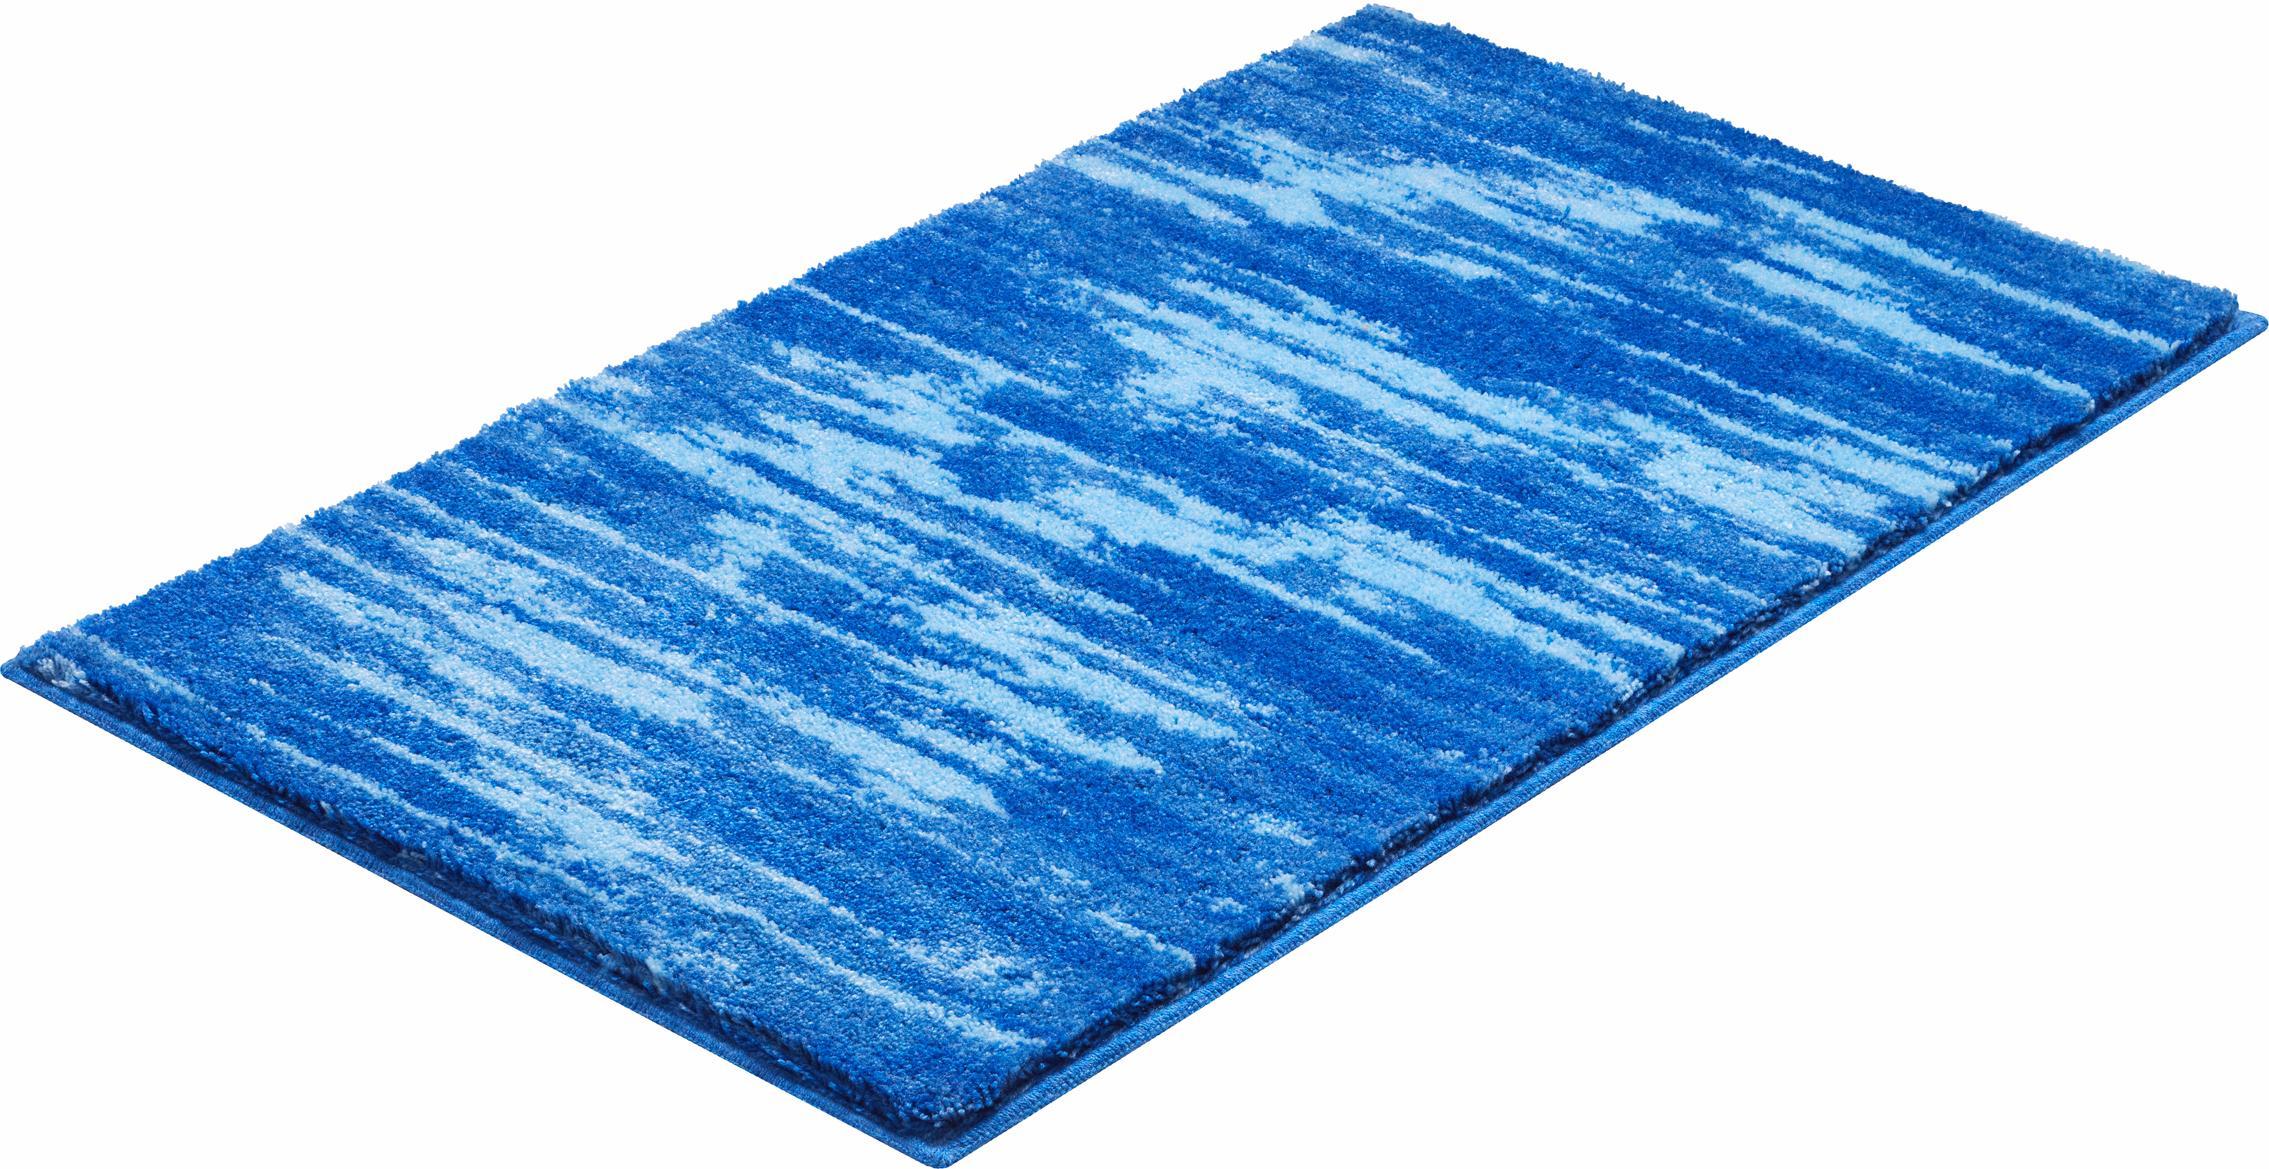 Badematte Fancy Grund Höhe 20 mm rutschhemmend beschichtet fußbodenheizungsgeeignet